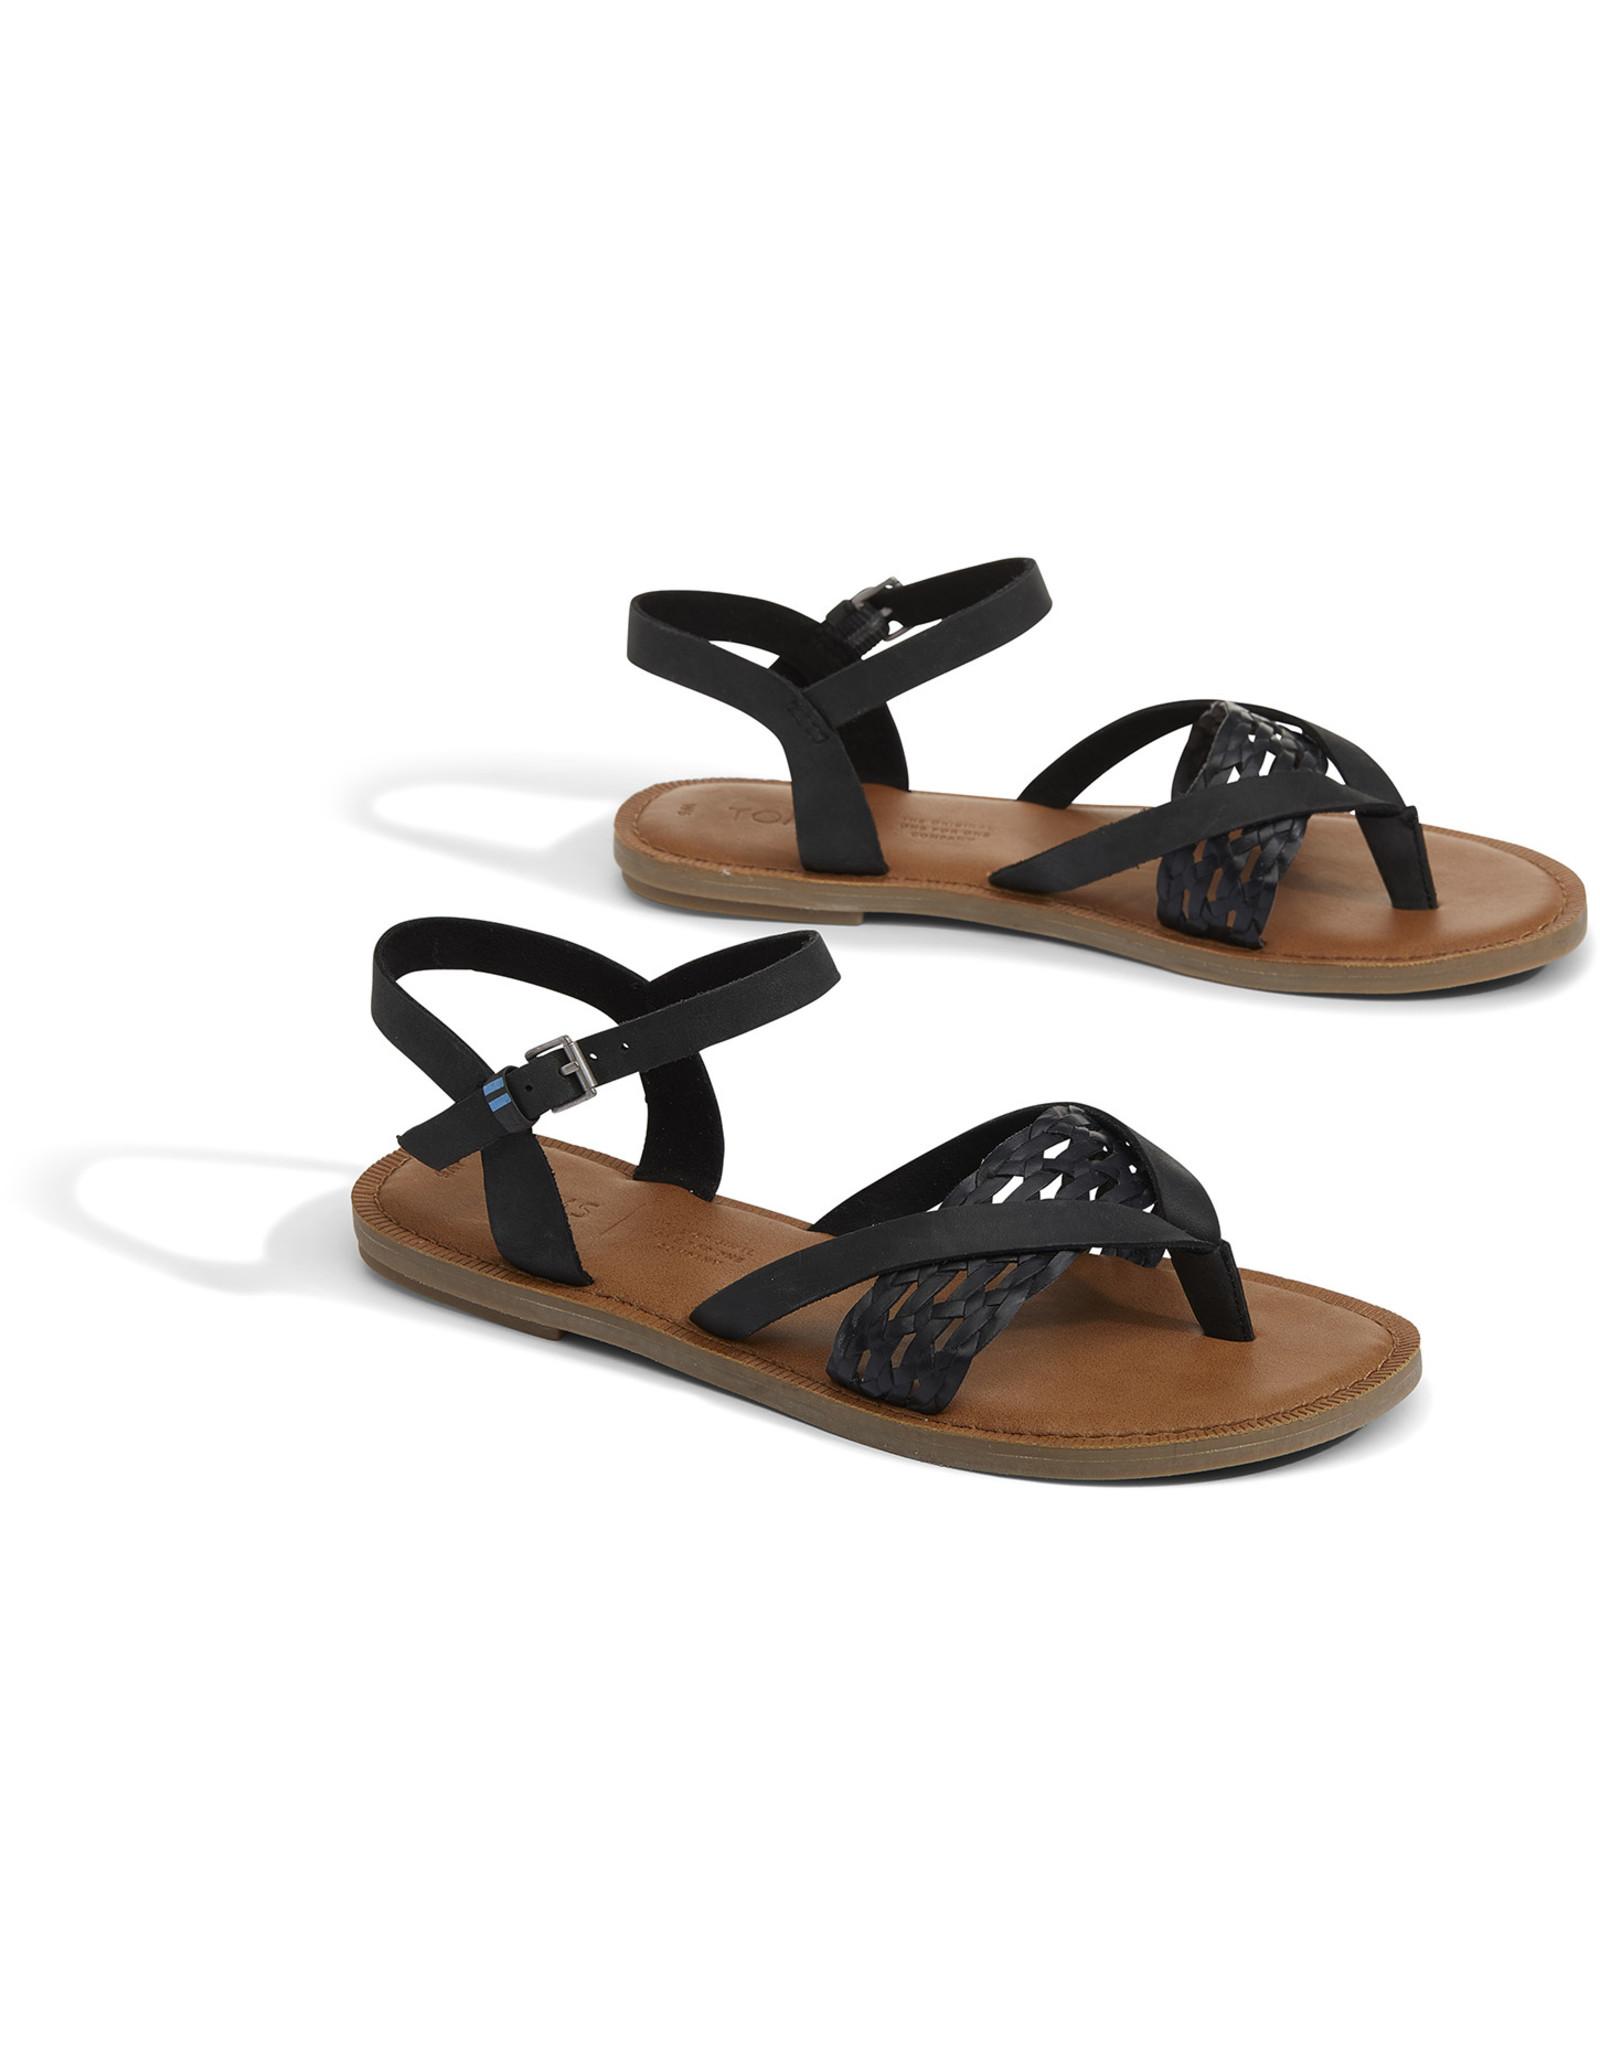 TOMS Women's Lexie Sandals - SP19